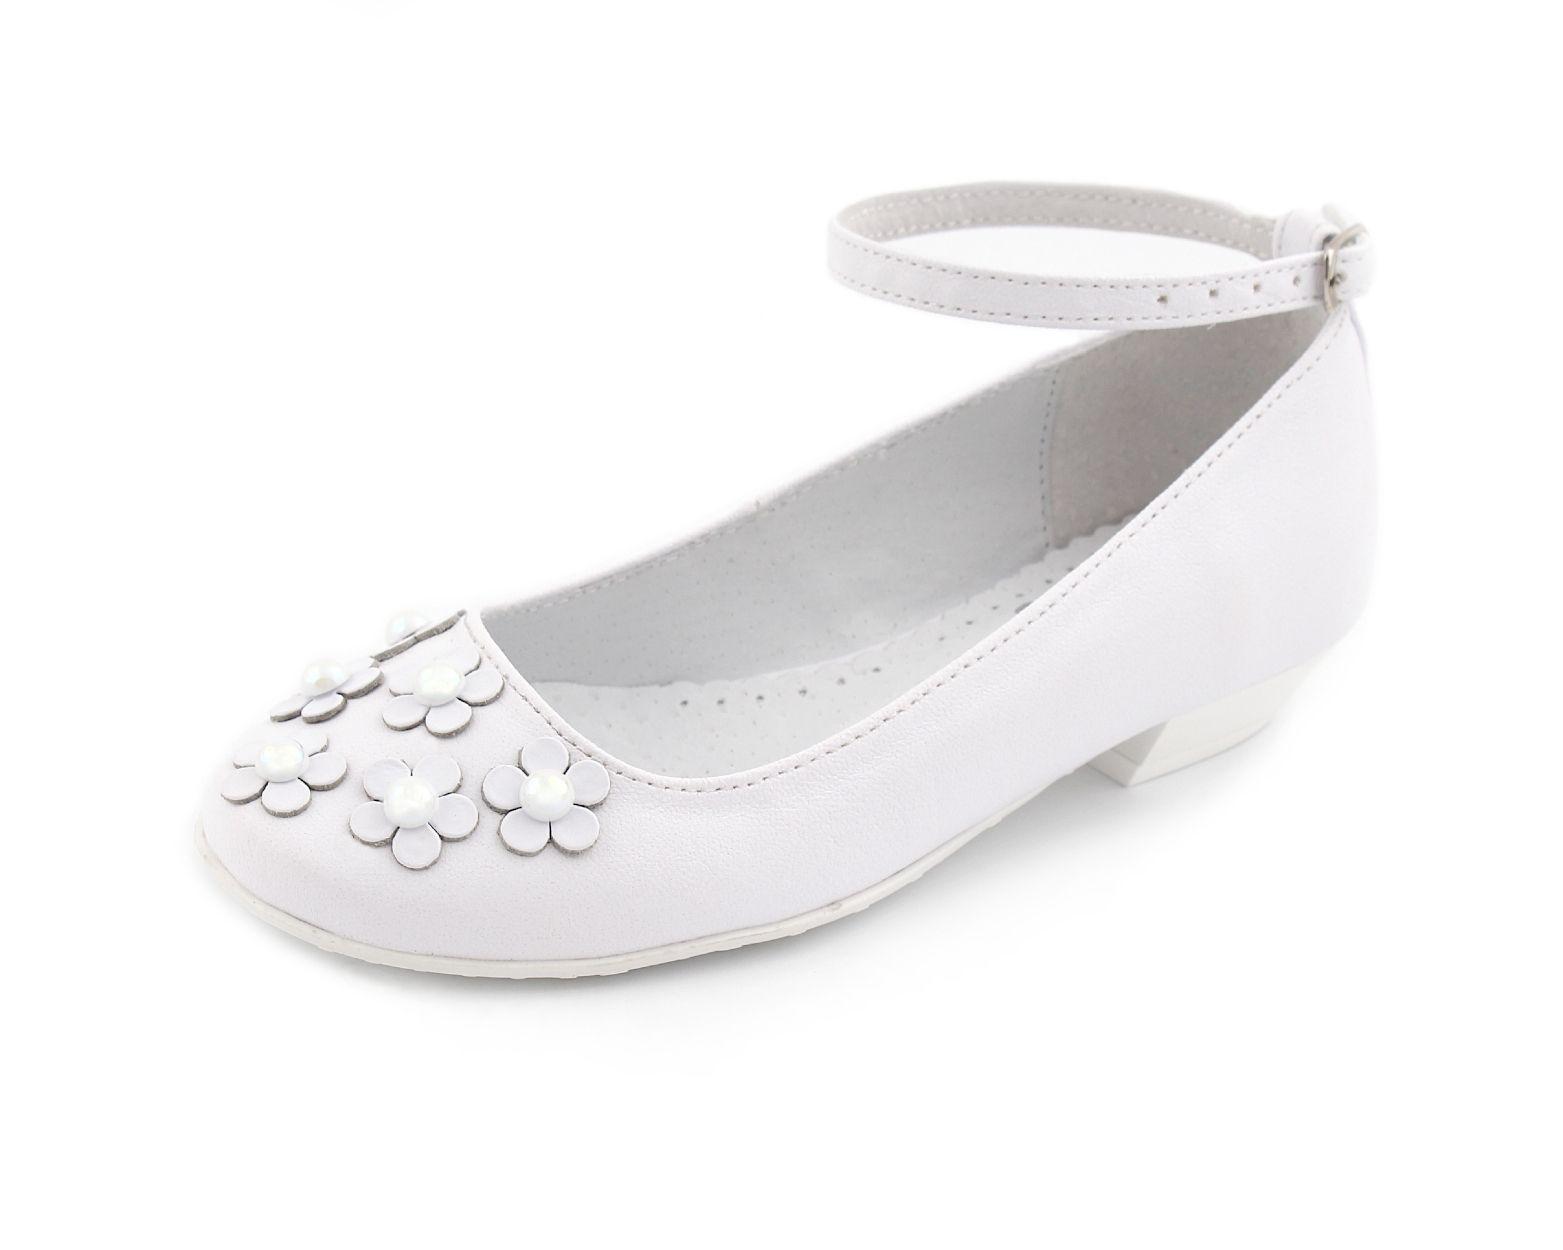 Buty Komunijne Dla Dziewczynki Z Kwiatuszkami I Perelkami Shoes Fashion Flats